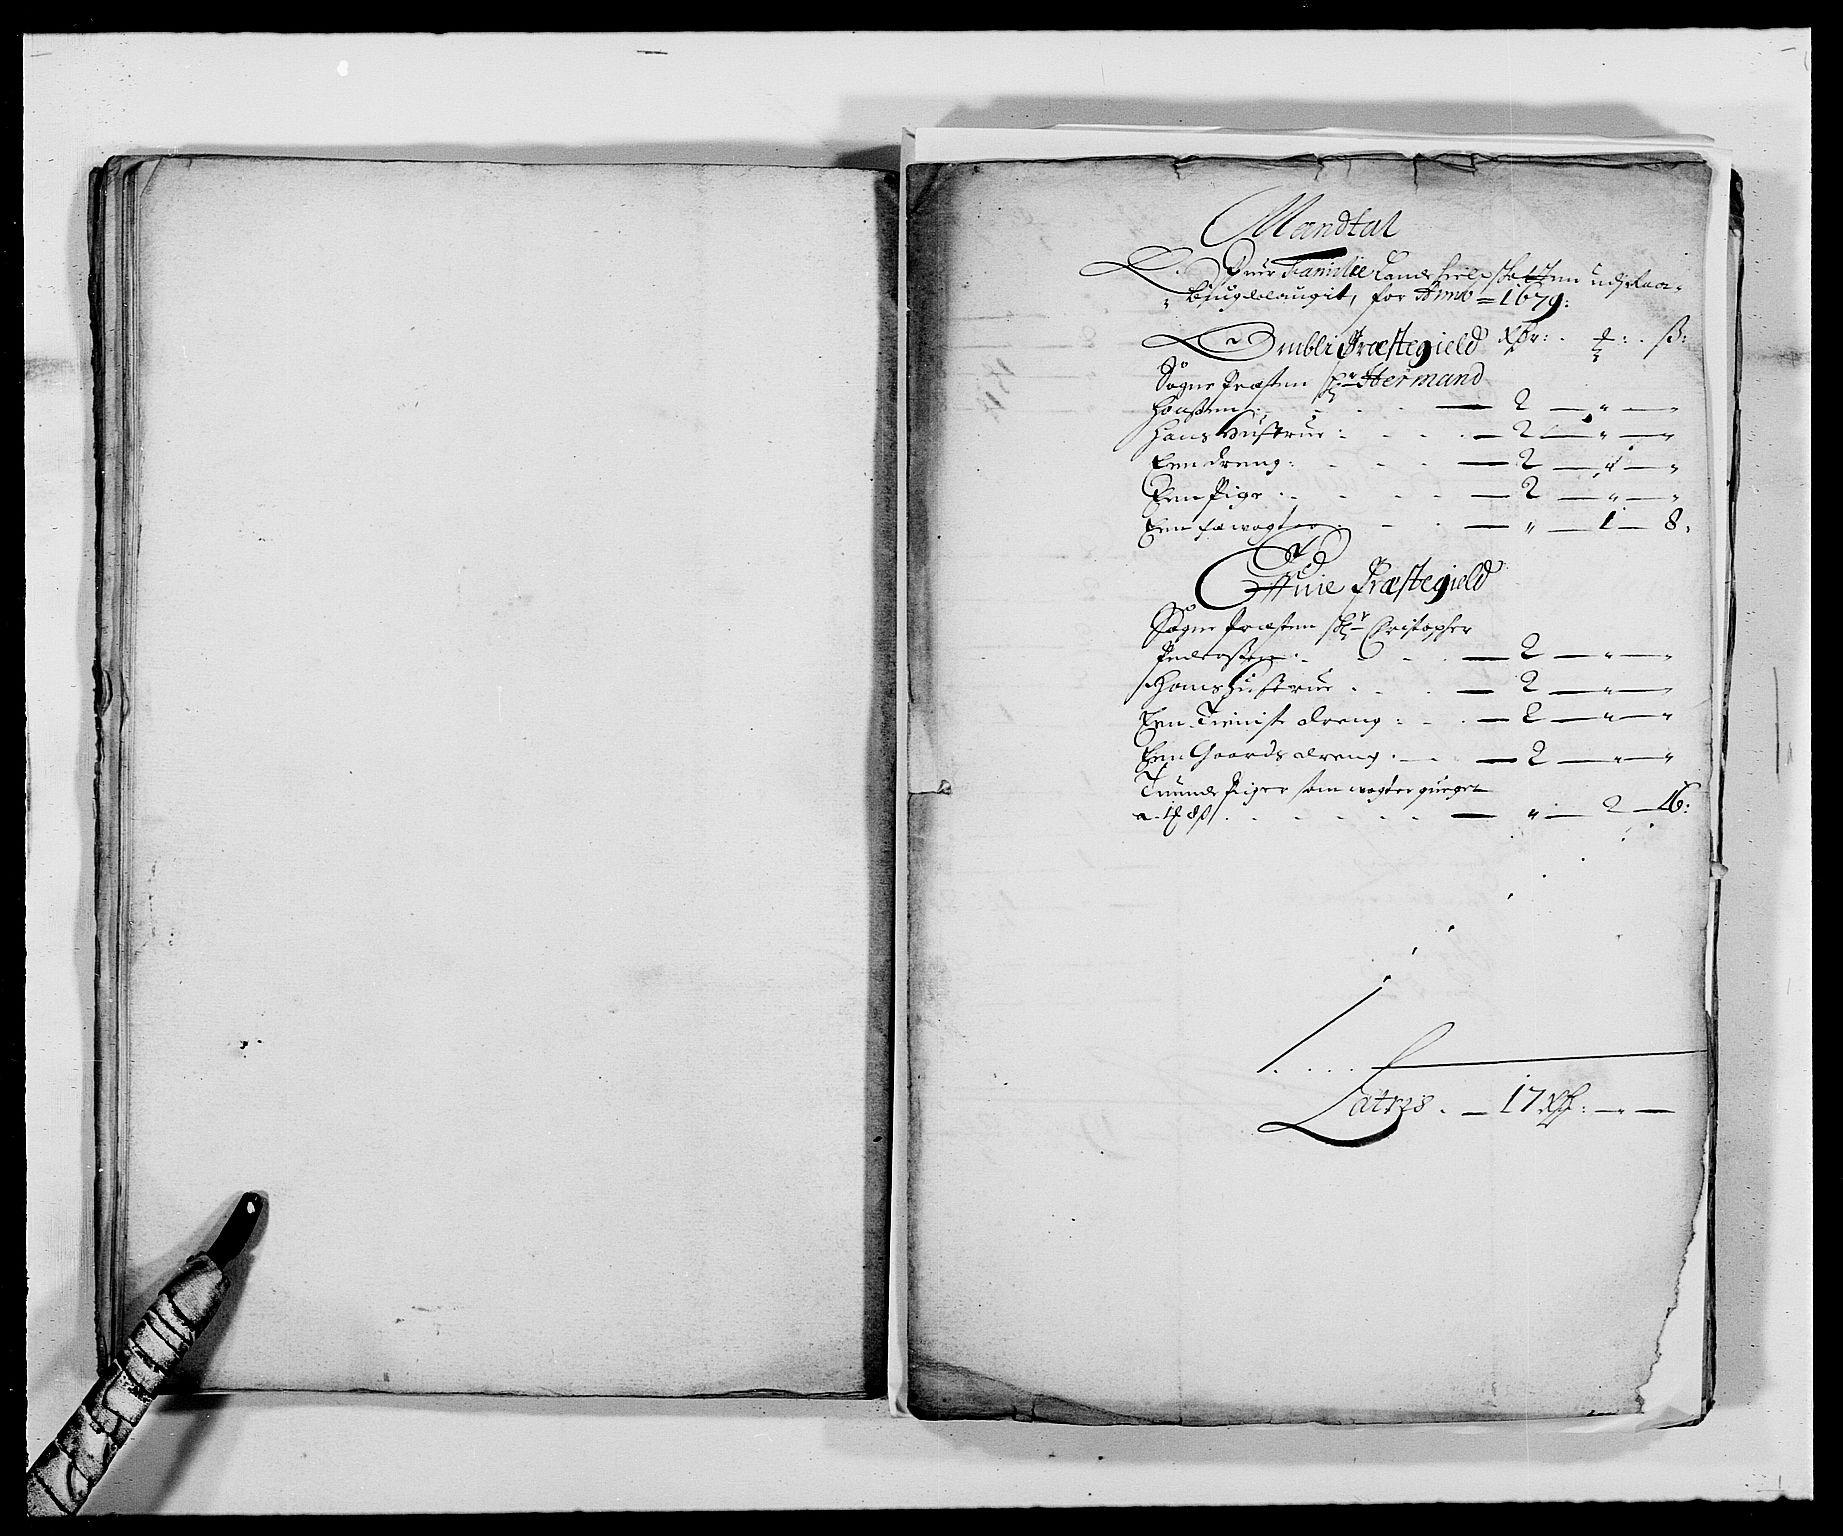 RA, Rentekammeret inntil 1814, Reviderte regnskaper, Fogderegnskap, R40/L2436: Fogderegnskap Råbyggelag, 1679-1680, s. 105